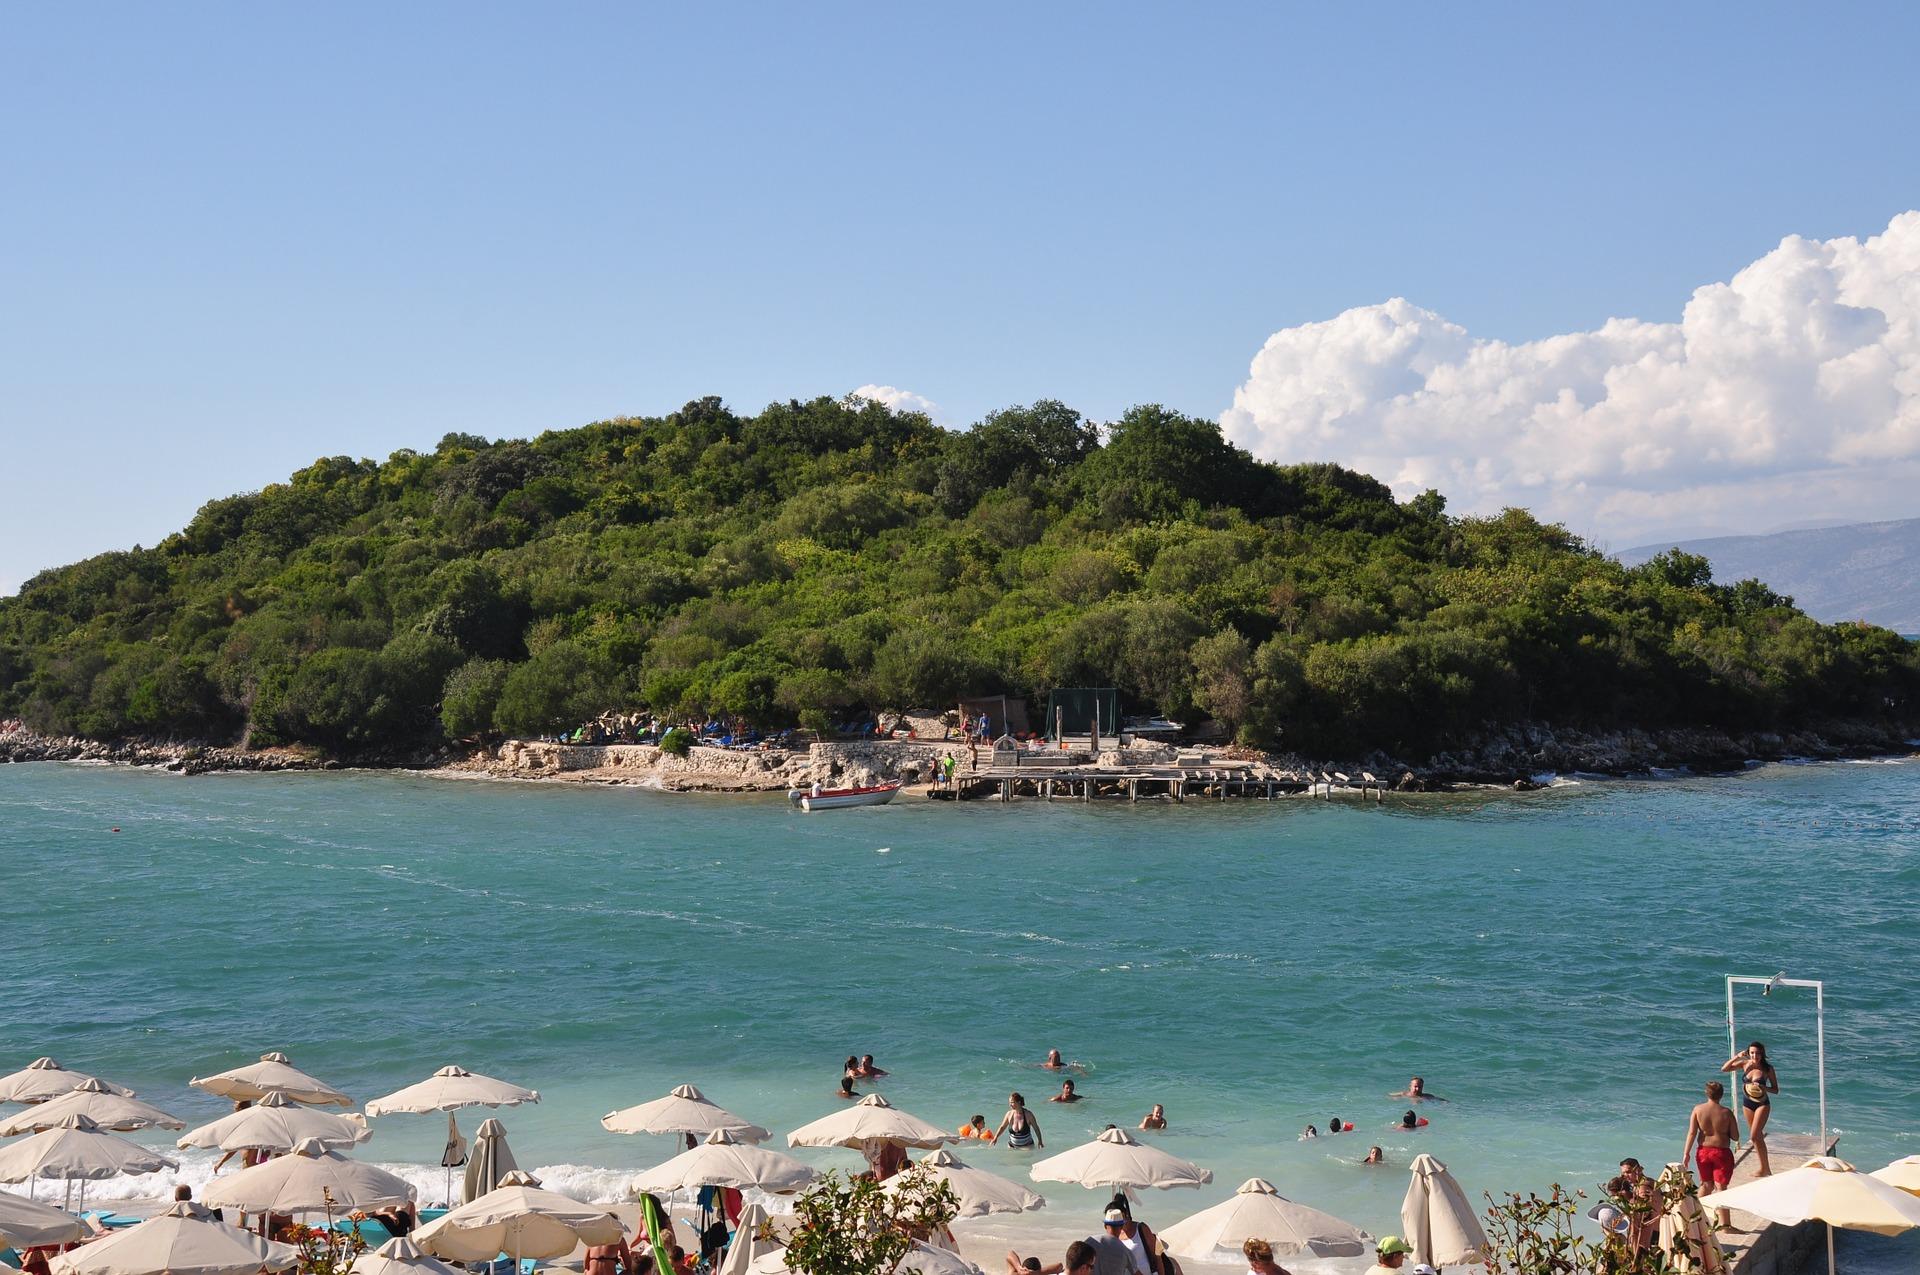 Badeurlaub in Albanien - unentdeckte Traumstrände